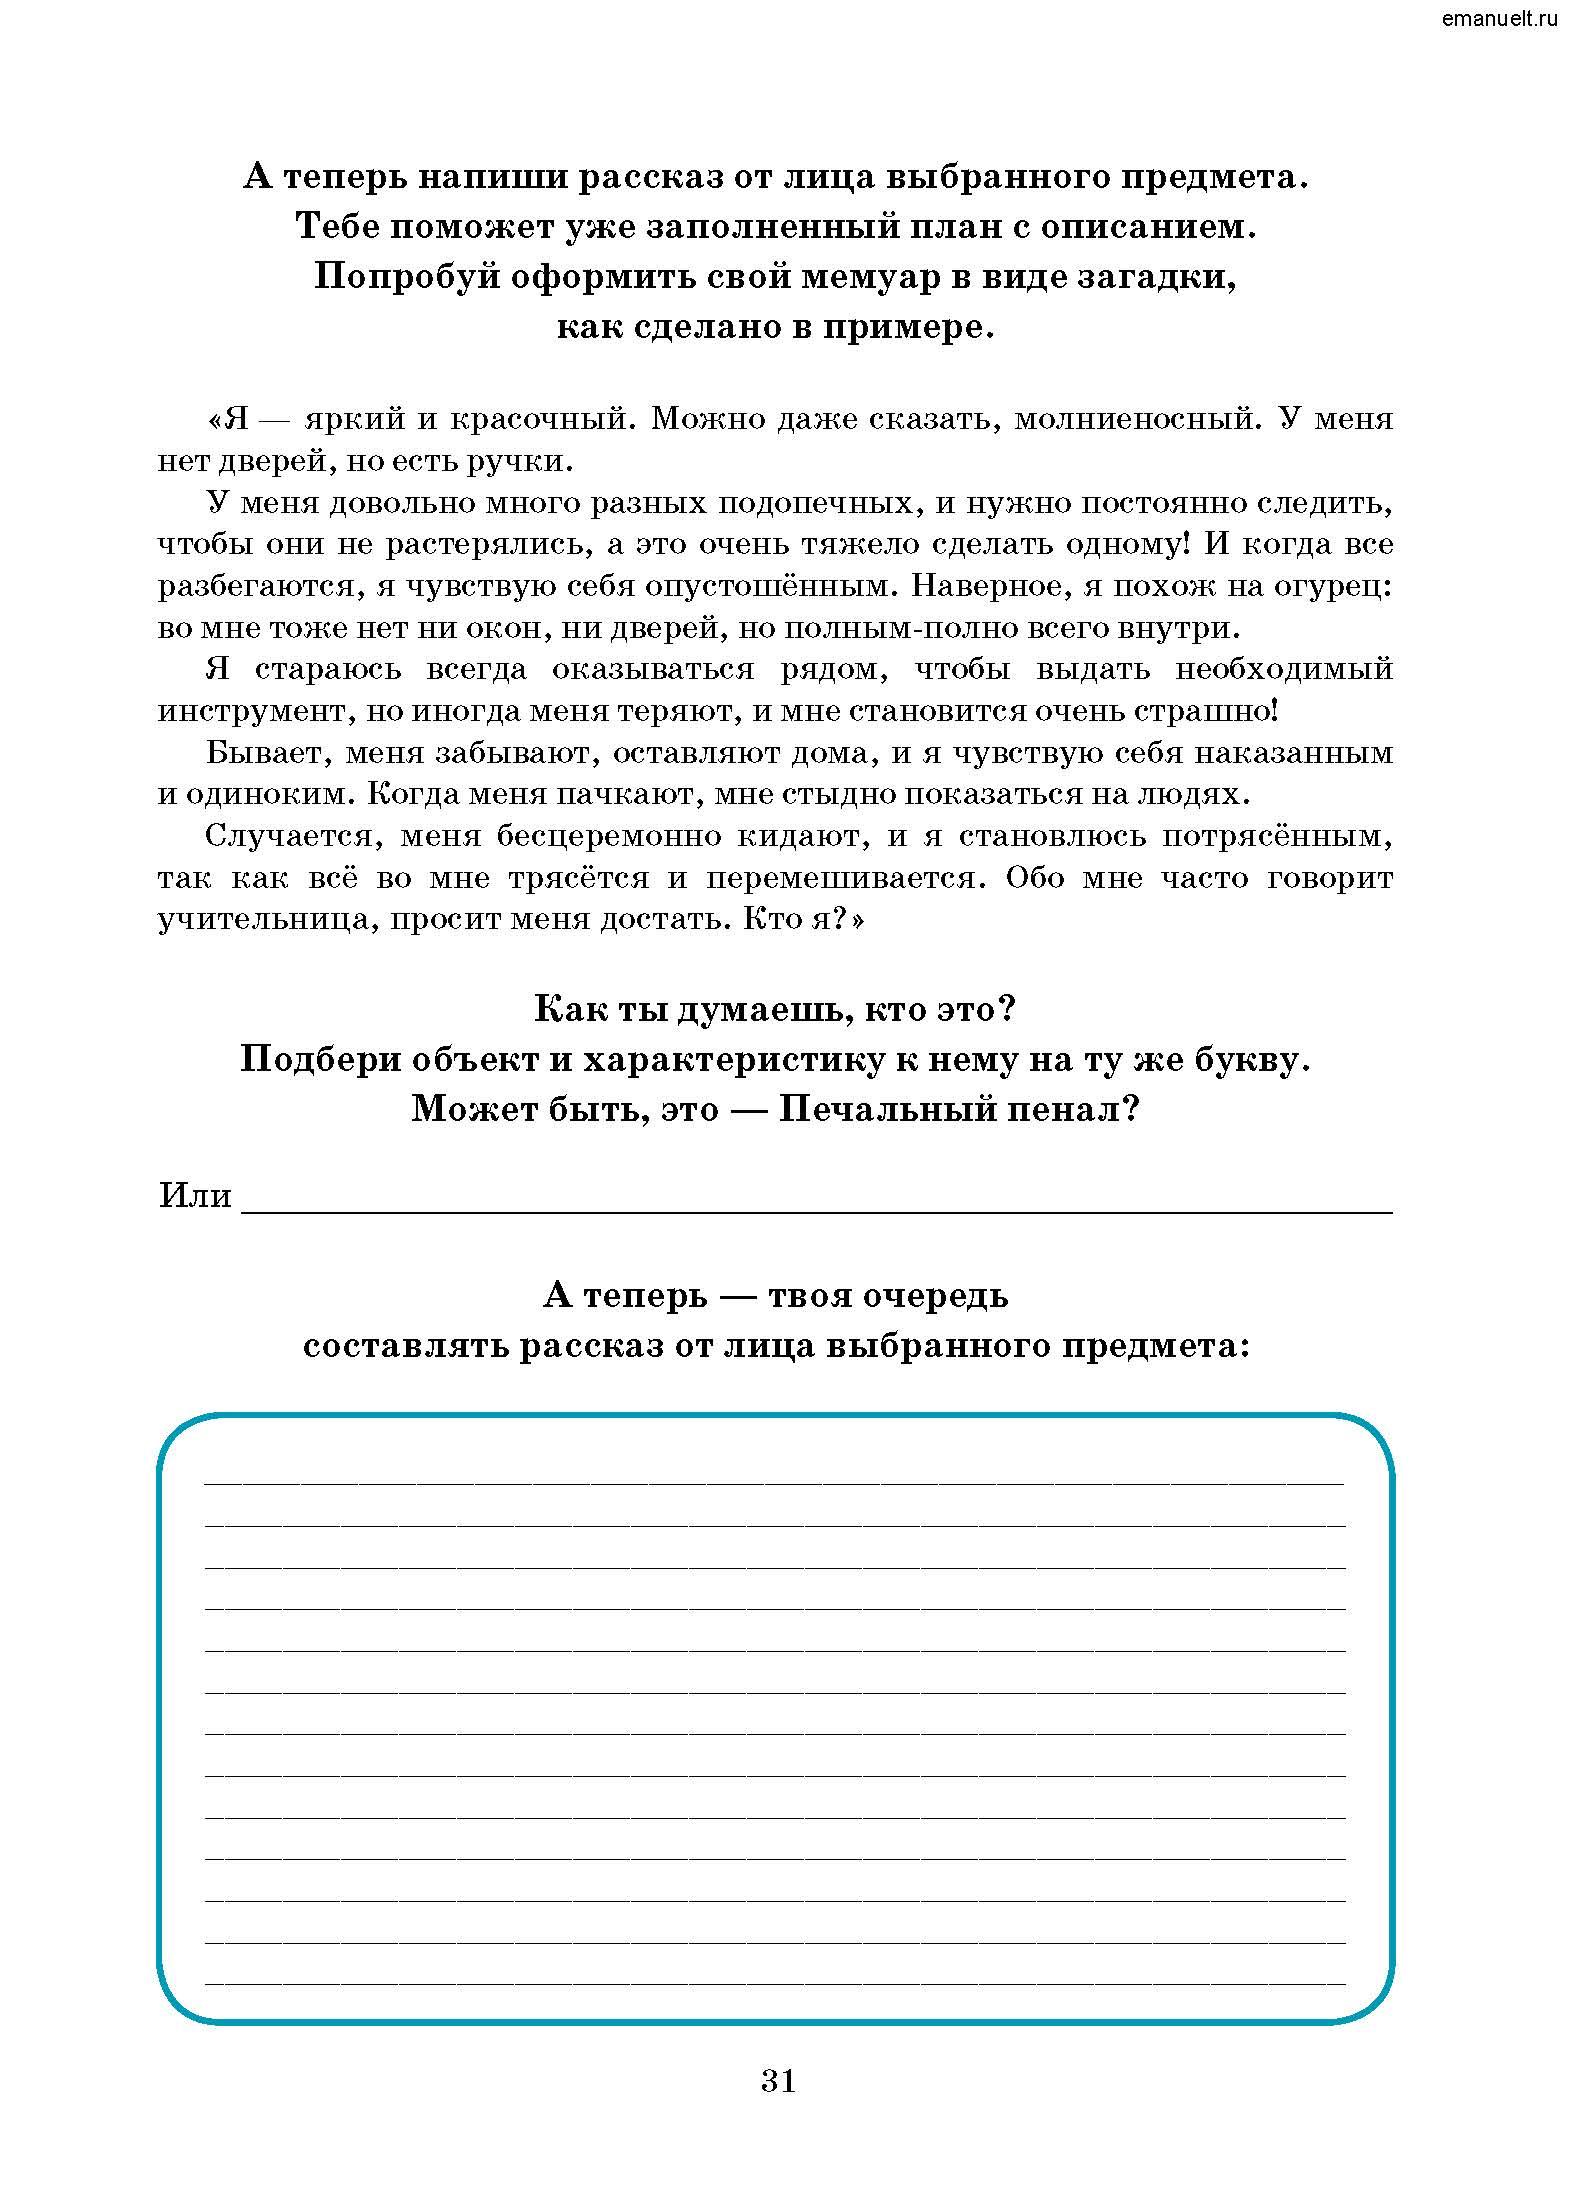 Рассказки в заданиях. emanuelt.ru_Страница_032